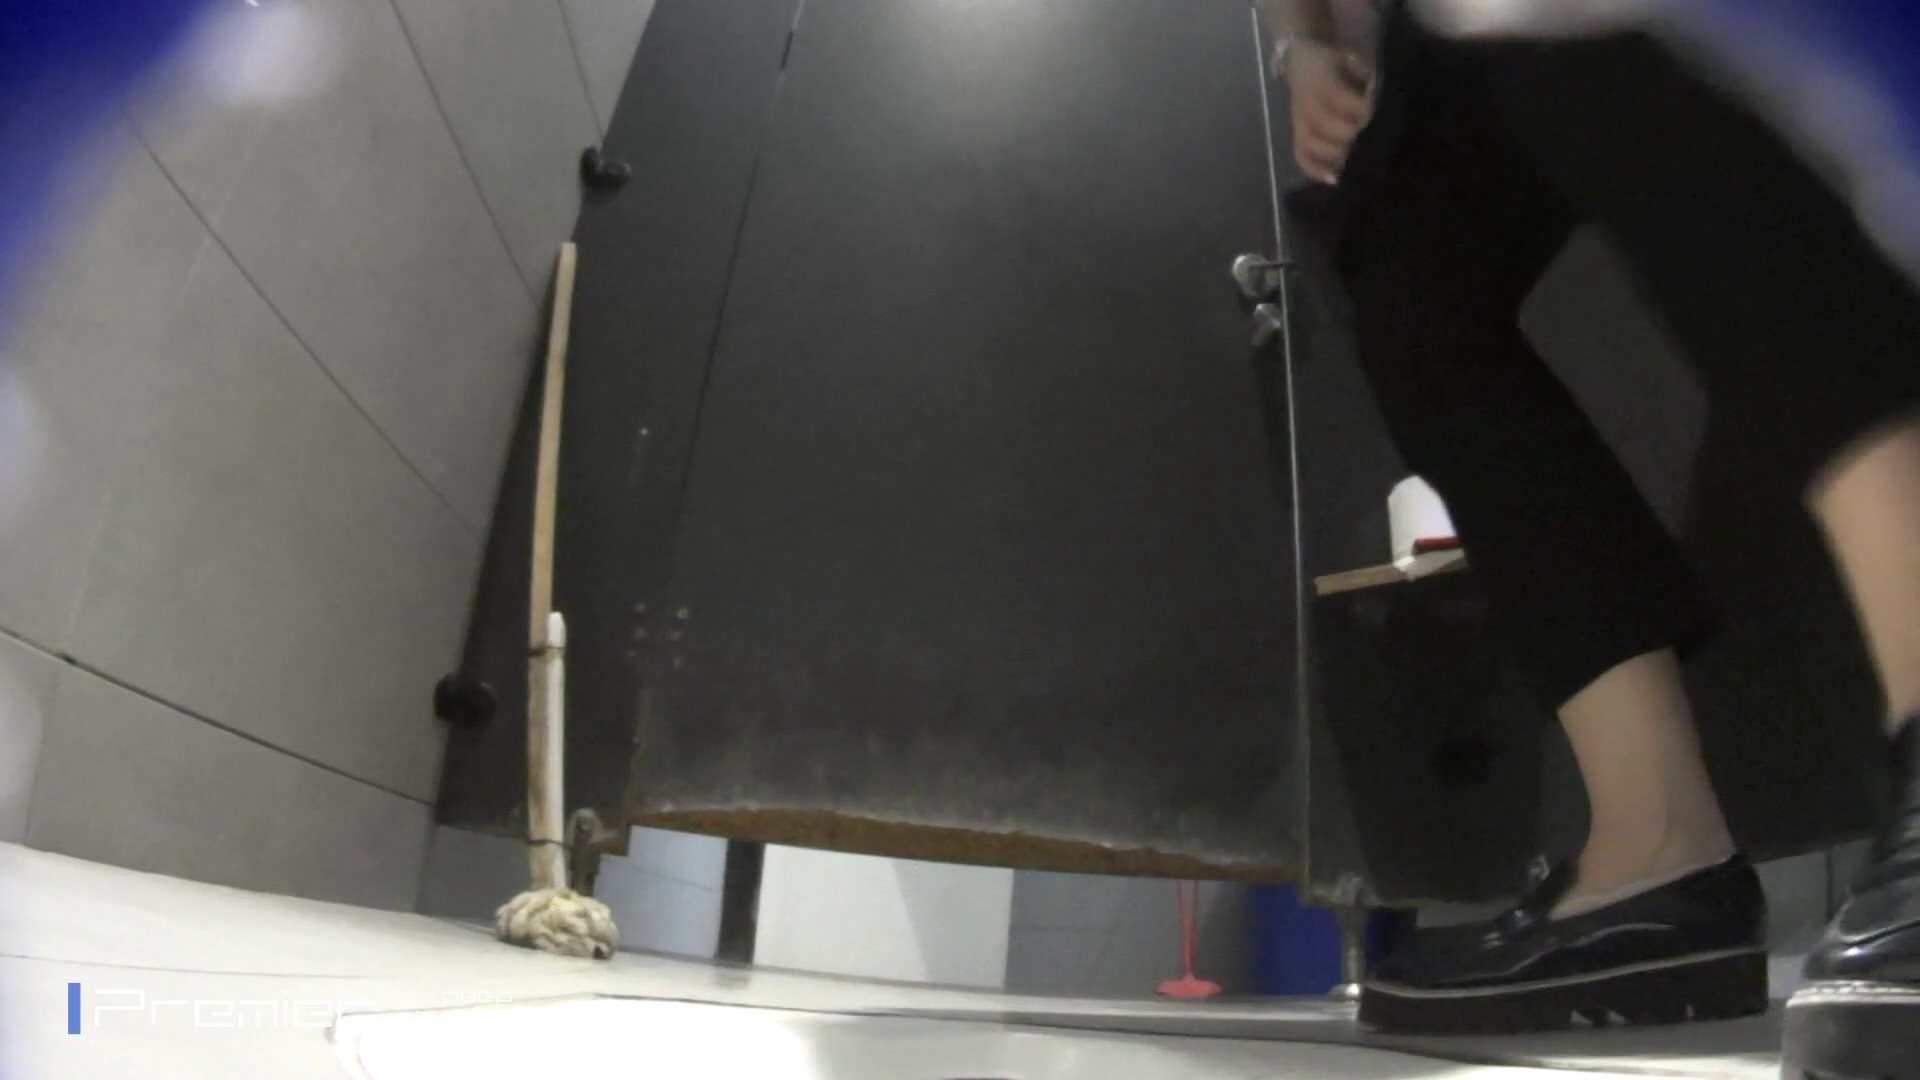 トイレットペーパーを握りしめ個室に入る乙女 大学休憩時間の洗面所事情83 トイレ  92PIX 19